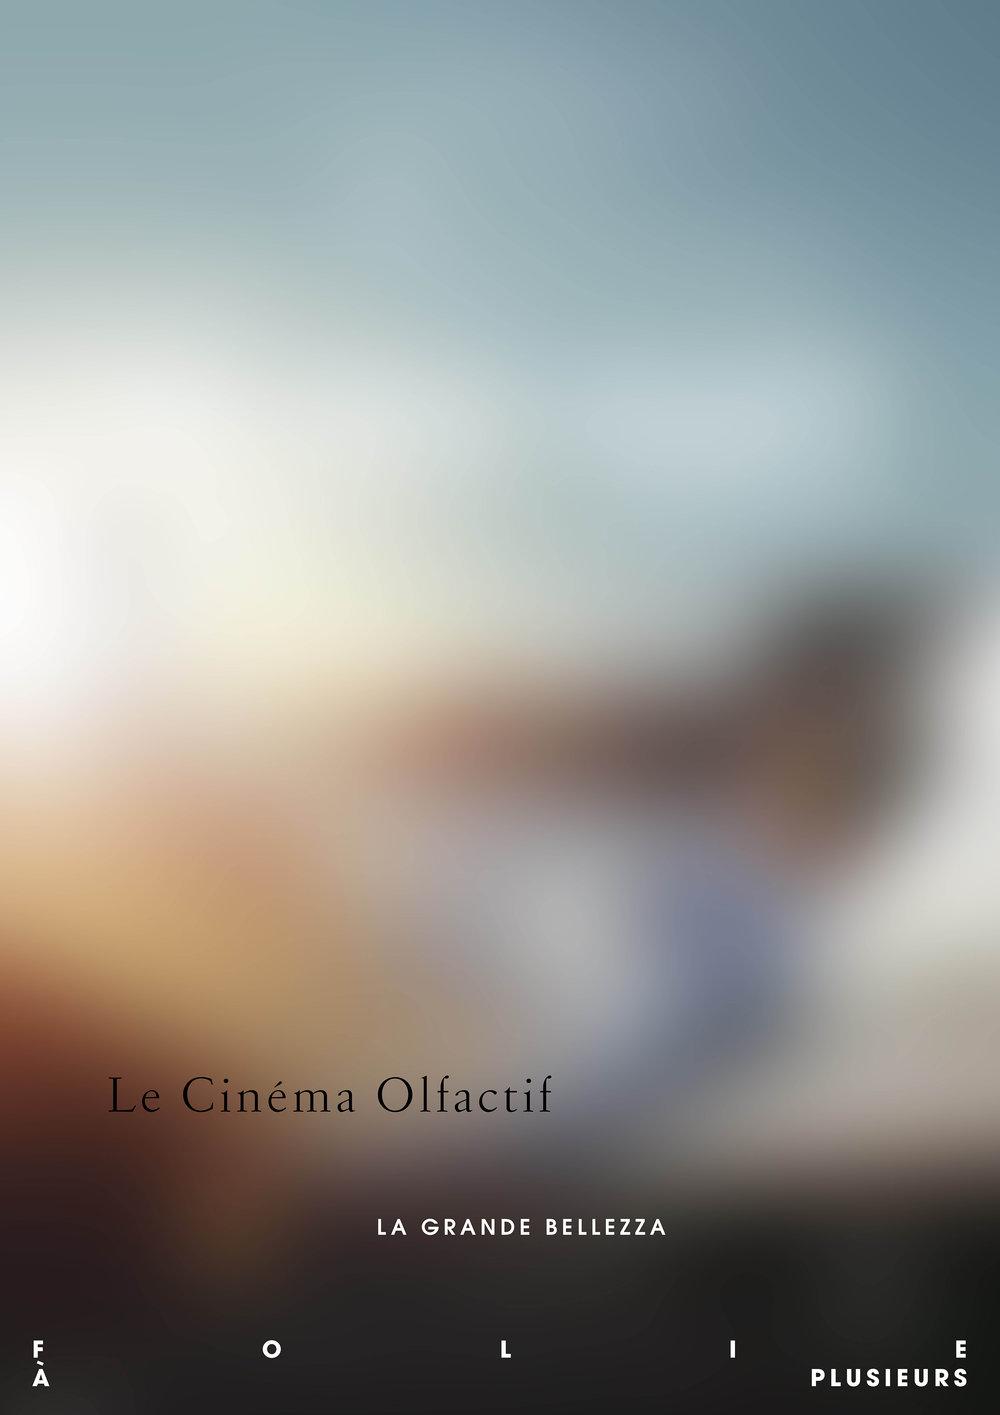 la_grande_bellezza-Perfume-Folie-A-Plusieurs